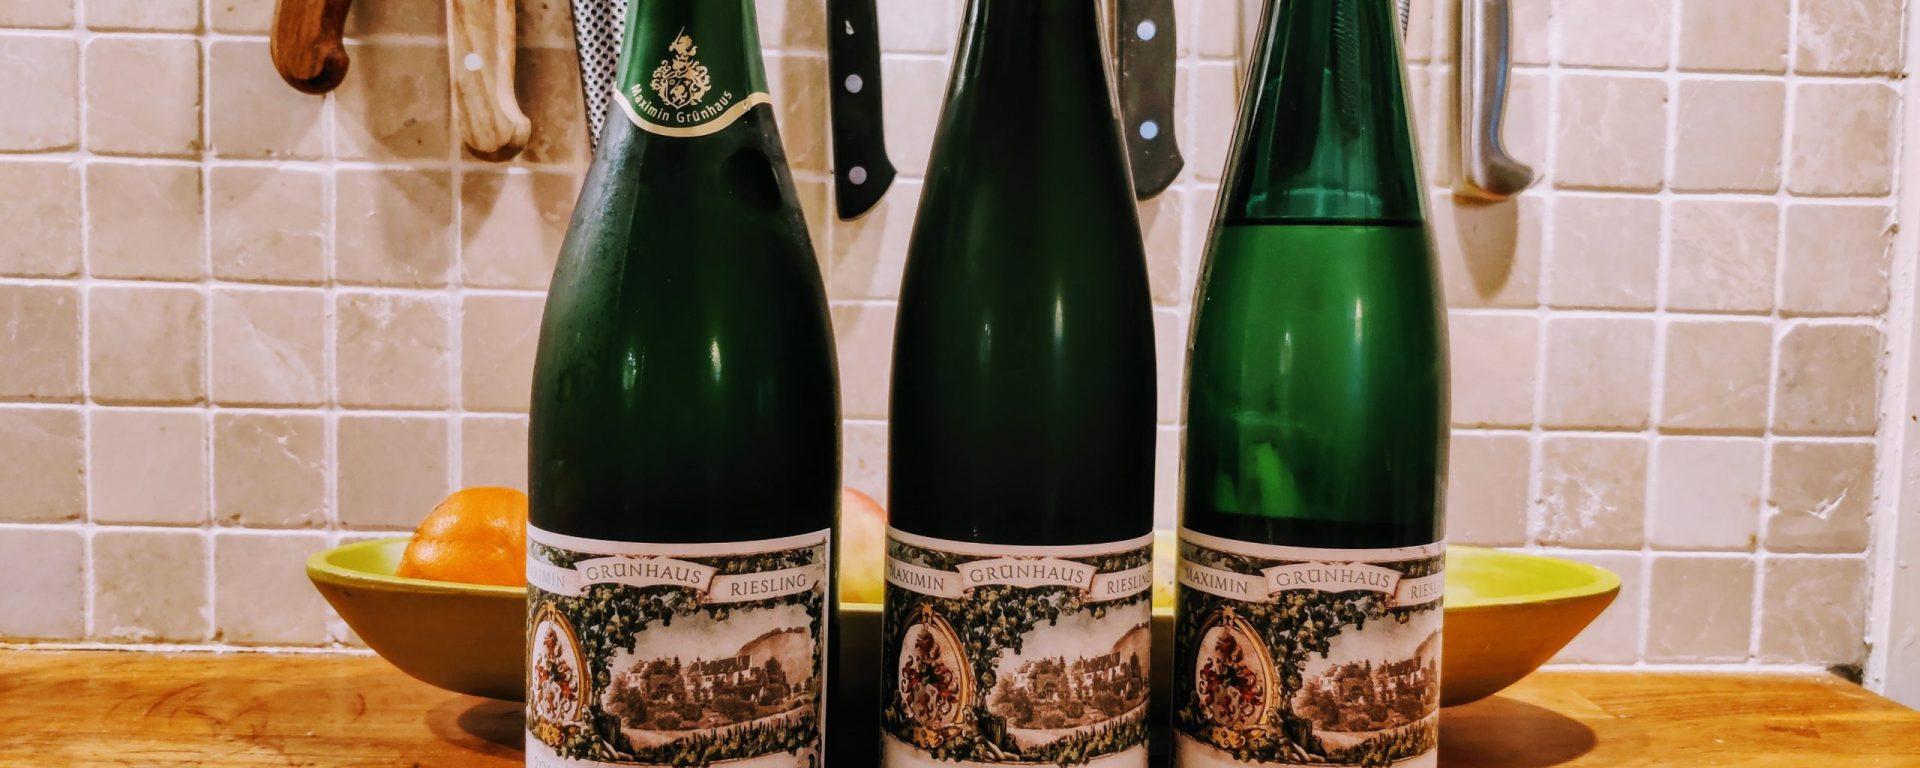 Tre viner fra Maximin Grünhaus